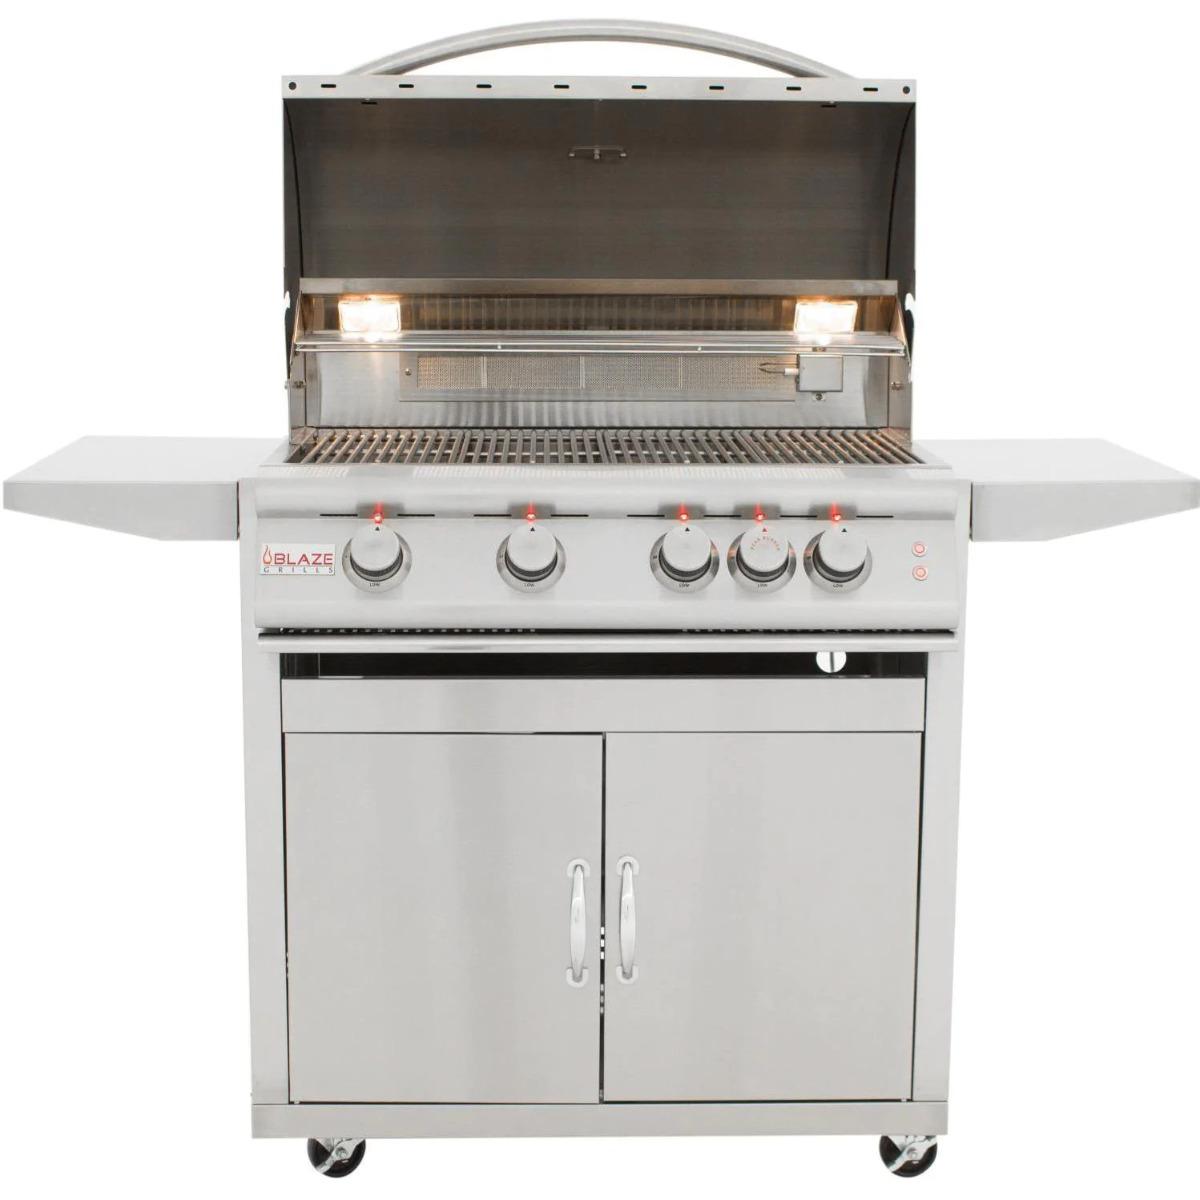 Blaze Premium LTE 32-Inch 4-Burner Freestanding Propane Grill with Rotisserie, Rear Infrared Burner & Grill Lights - blz-4lte2-lp-rt+blz-4-cart